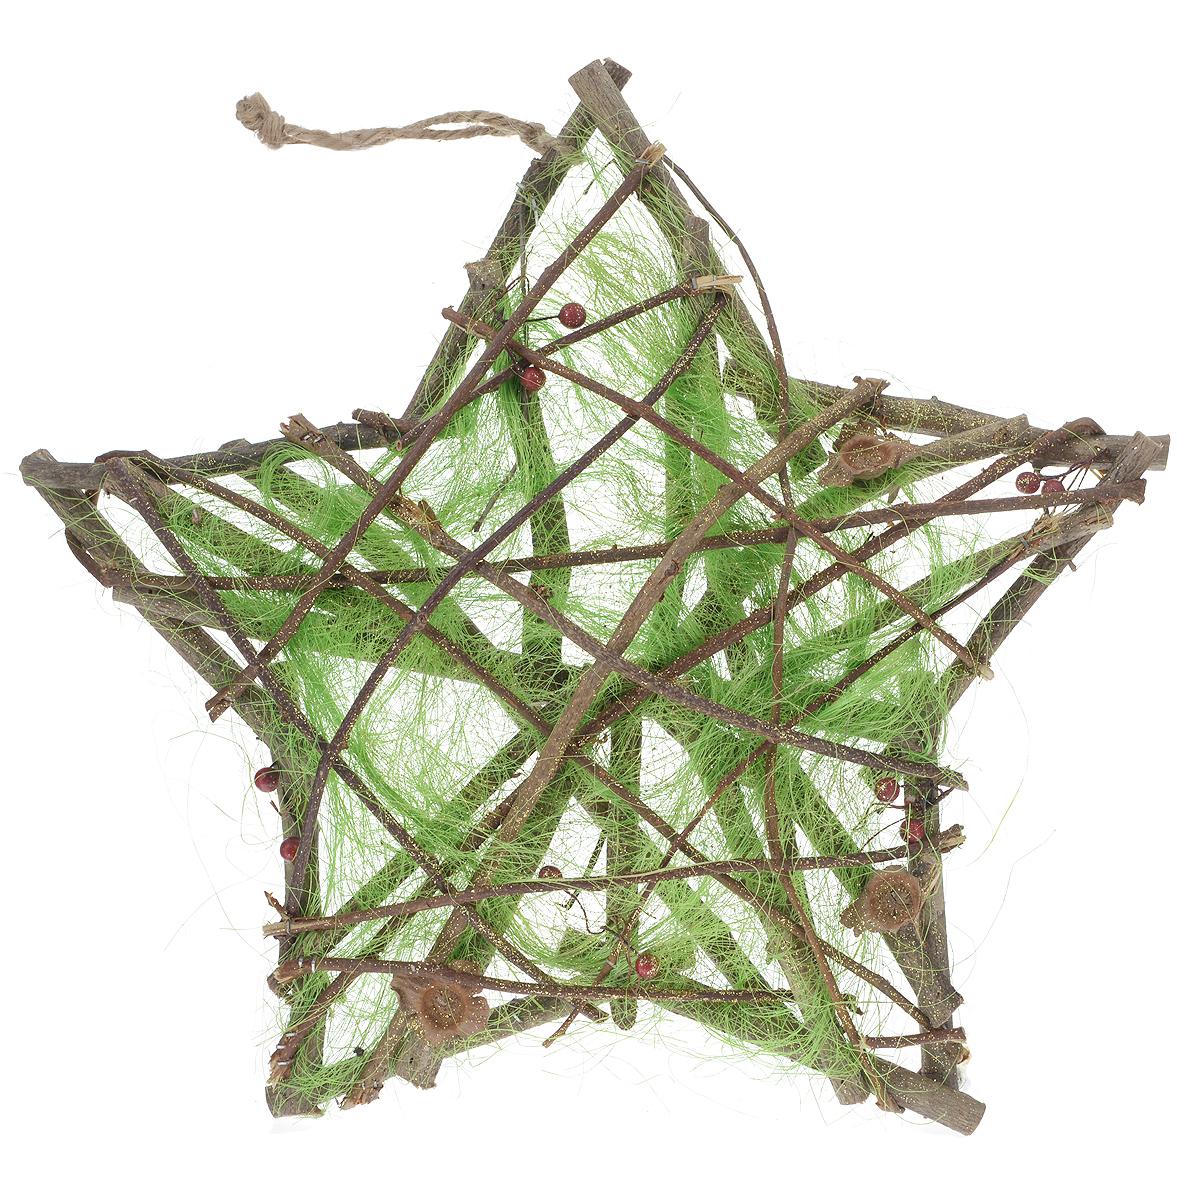 Декоративный элемент Dongjiang Art, 43 х 43 см7709038Декоративный элемент Dongjiang Art, изготовленный из натурального дерева, представляет собой звезду, оформленную цветными нитями и блестками. Изделиепредназначено для дальнейшего украшения бусинами, лентами, стразами, фигурками, бумагой и другим материалом.Работа, выполненная своими руками, станет замечательным подарком для близких и друзей!Размер элемента: 43 см х 43 см х 4,5 см.